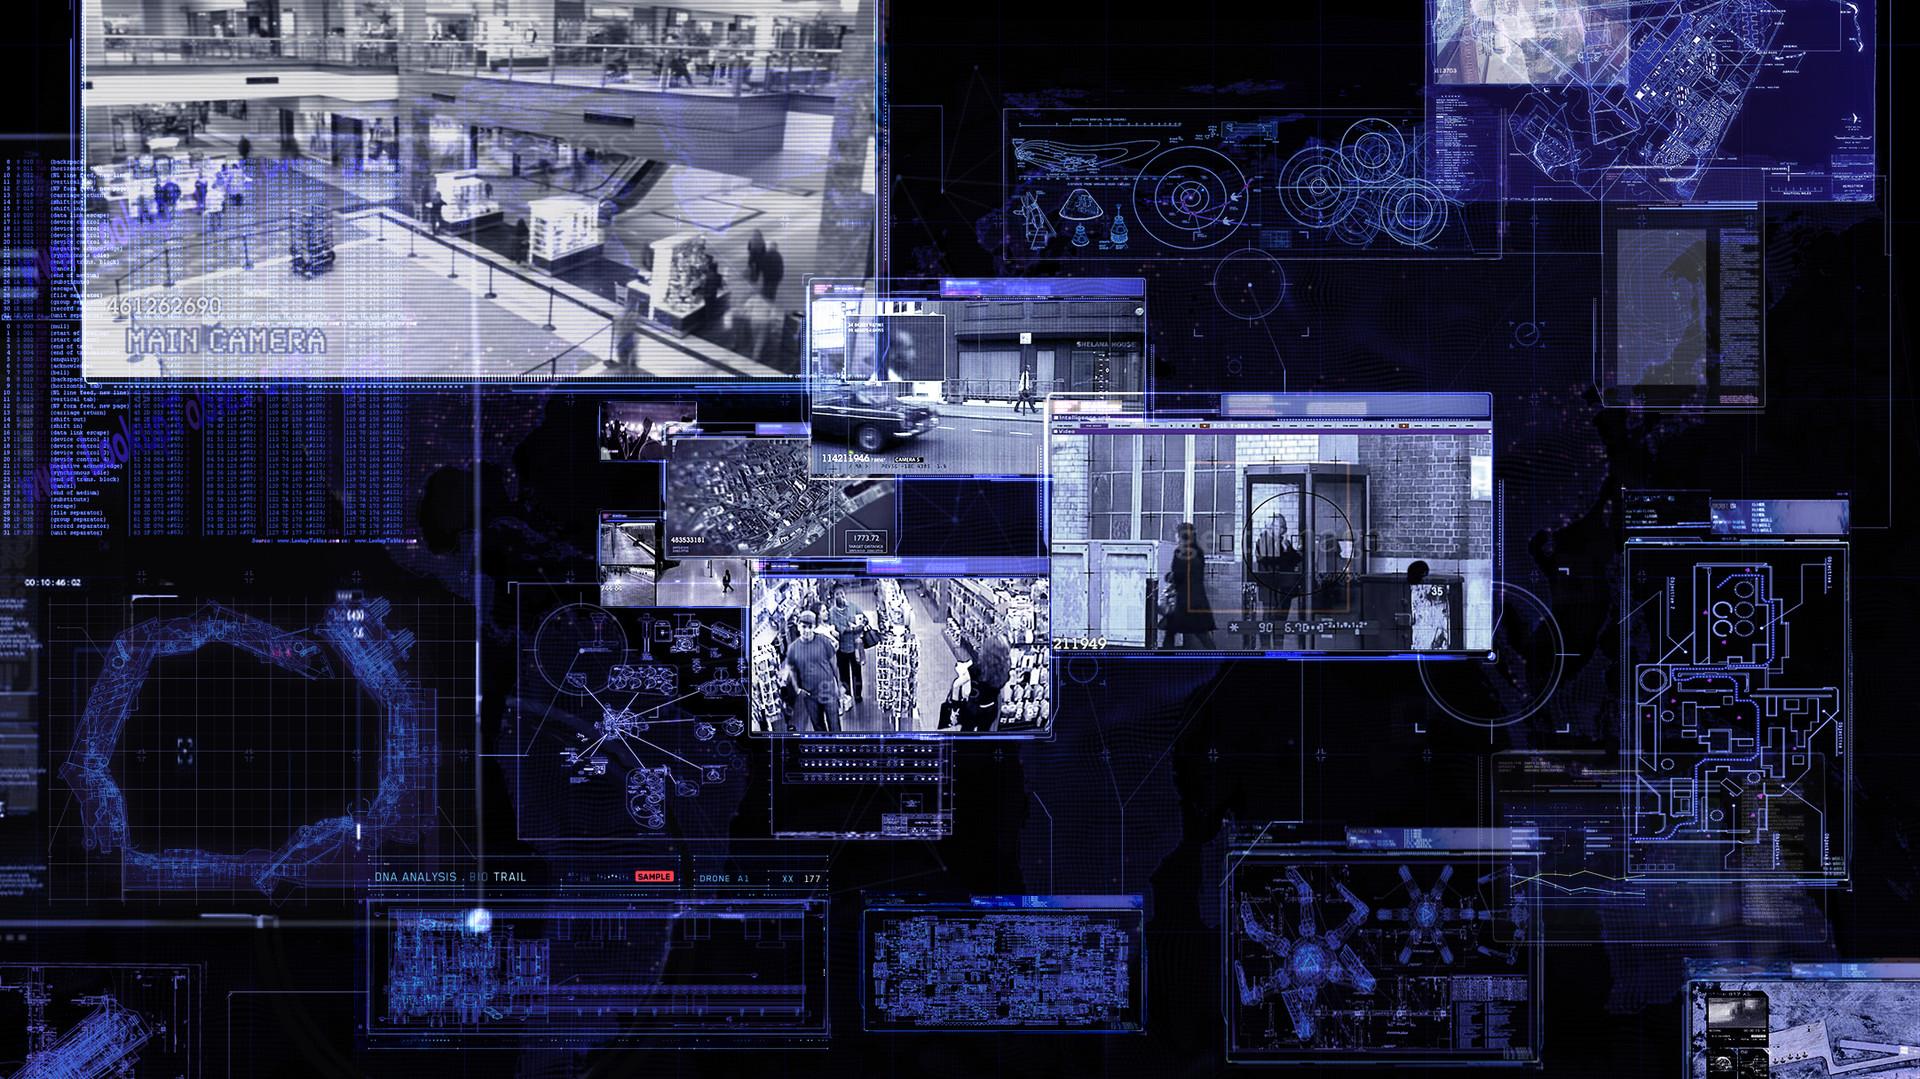 Paolo giandoso bf concept intro pg 01 v004